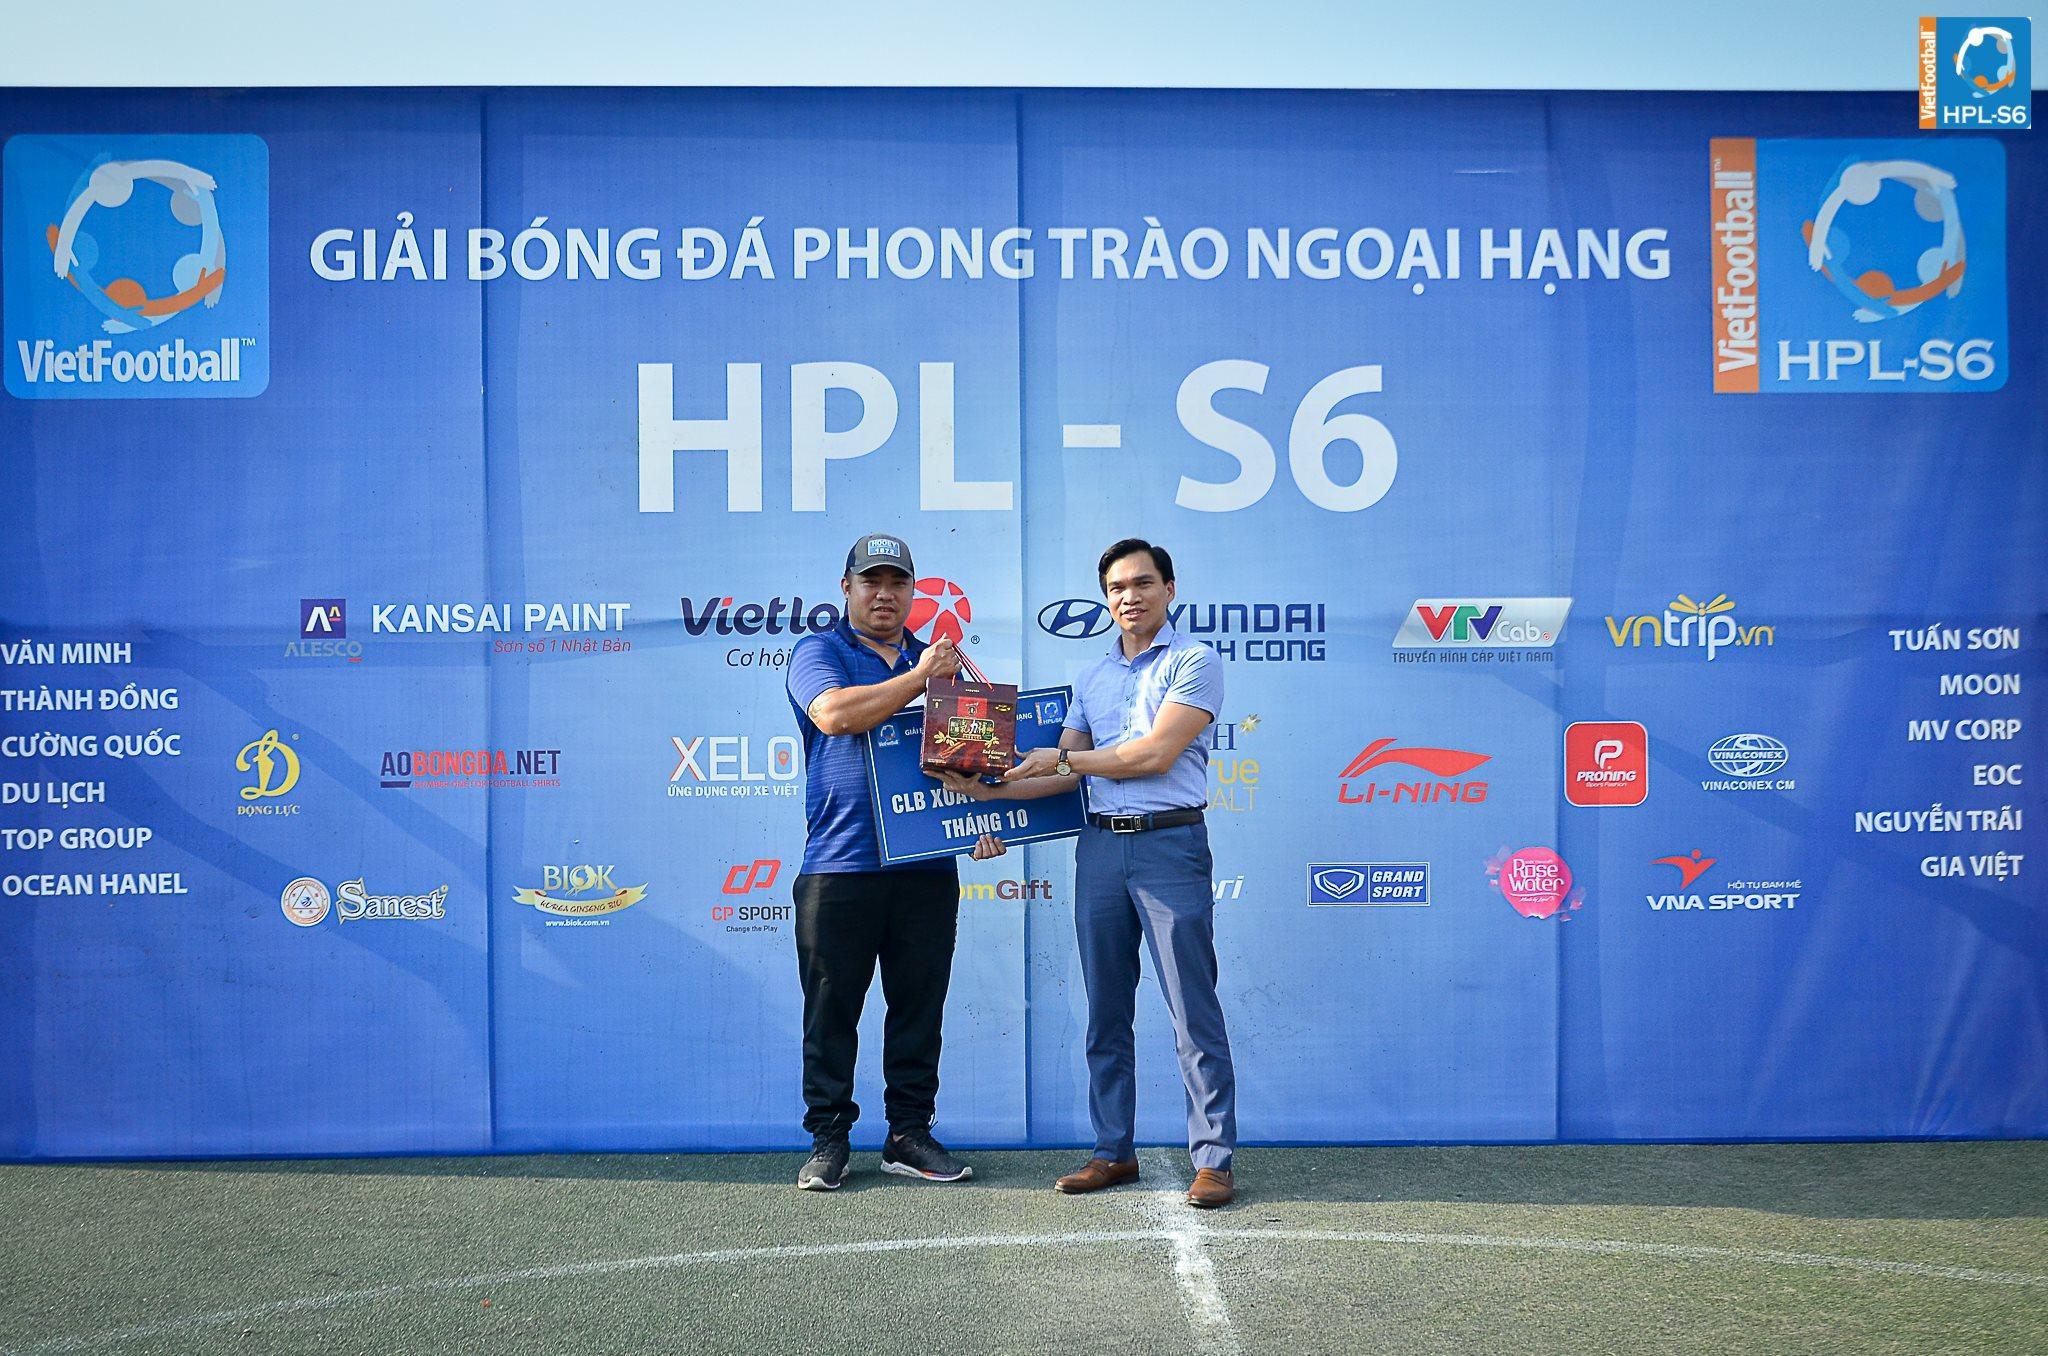 Phúc Thịnh vinh dự là 1 trong những nhà tài trợ chính cho Giải bóng đá phong trào ngoại hạng HPL – S6